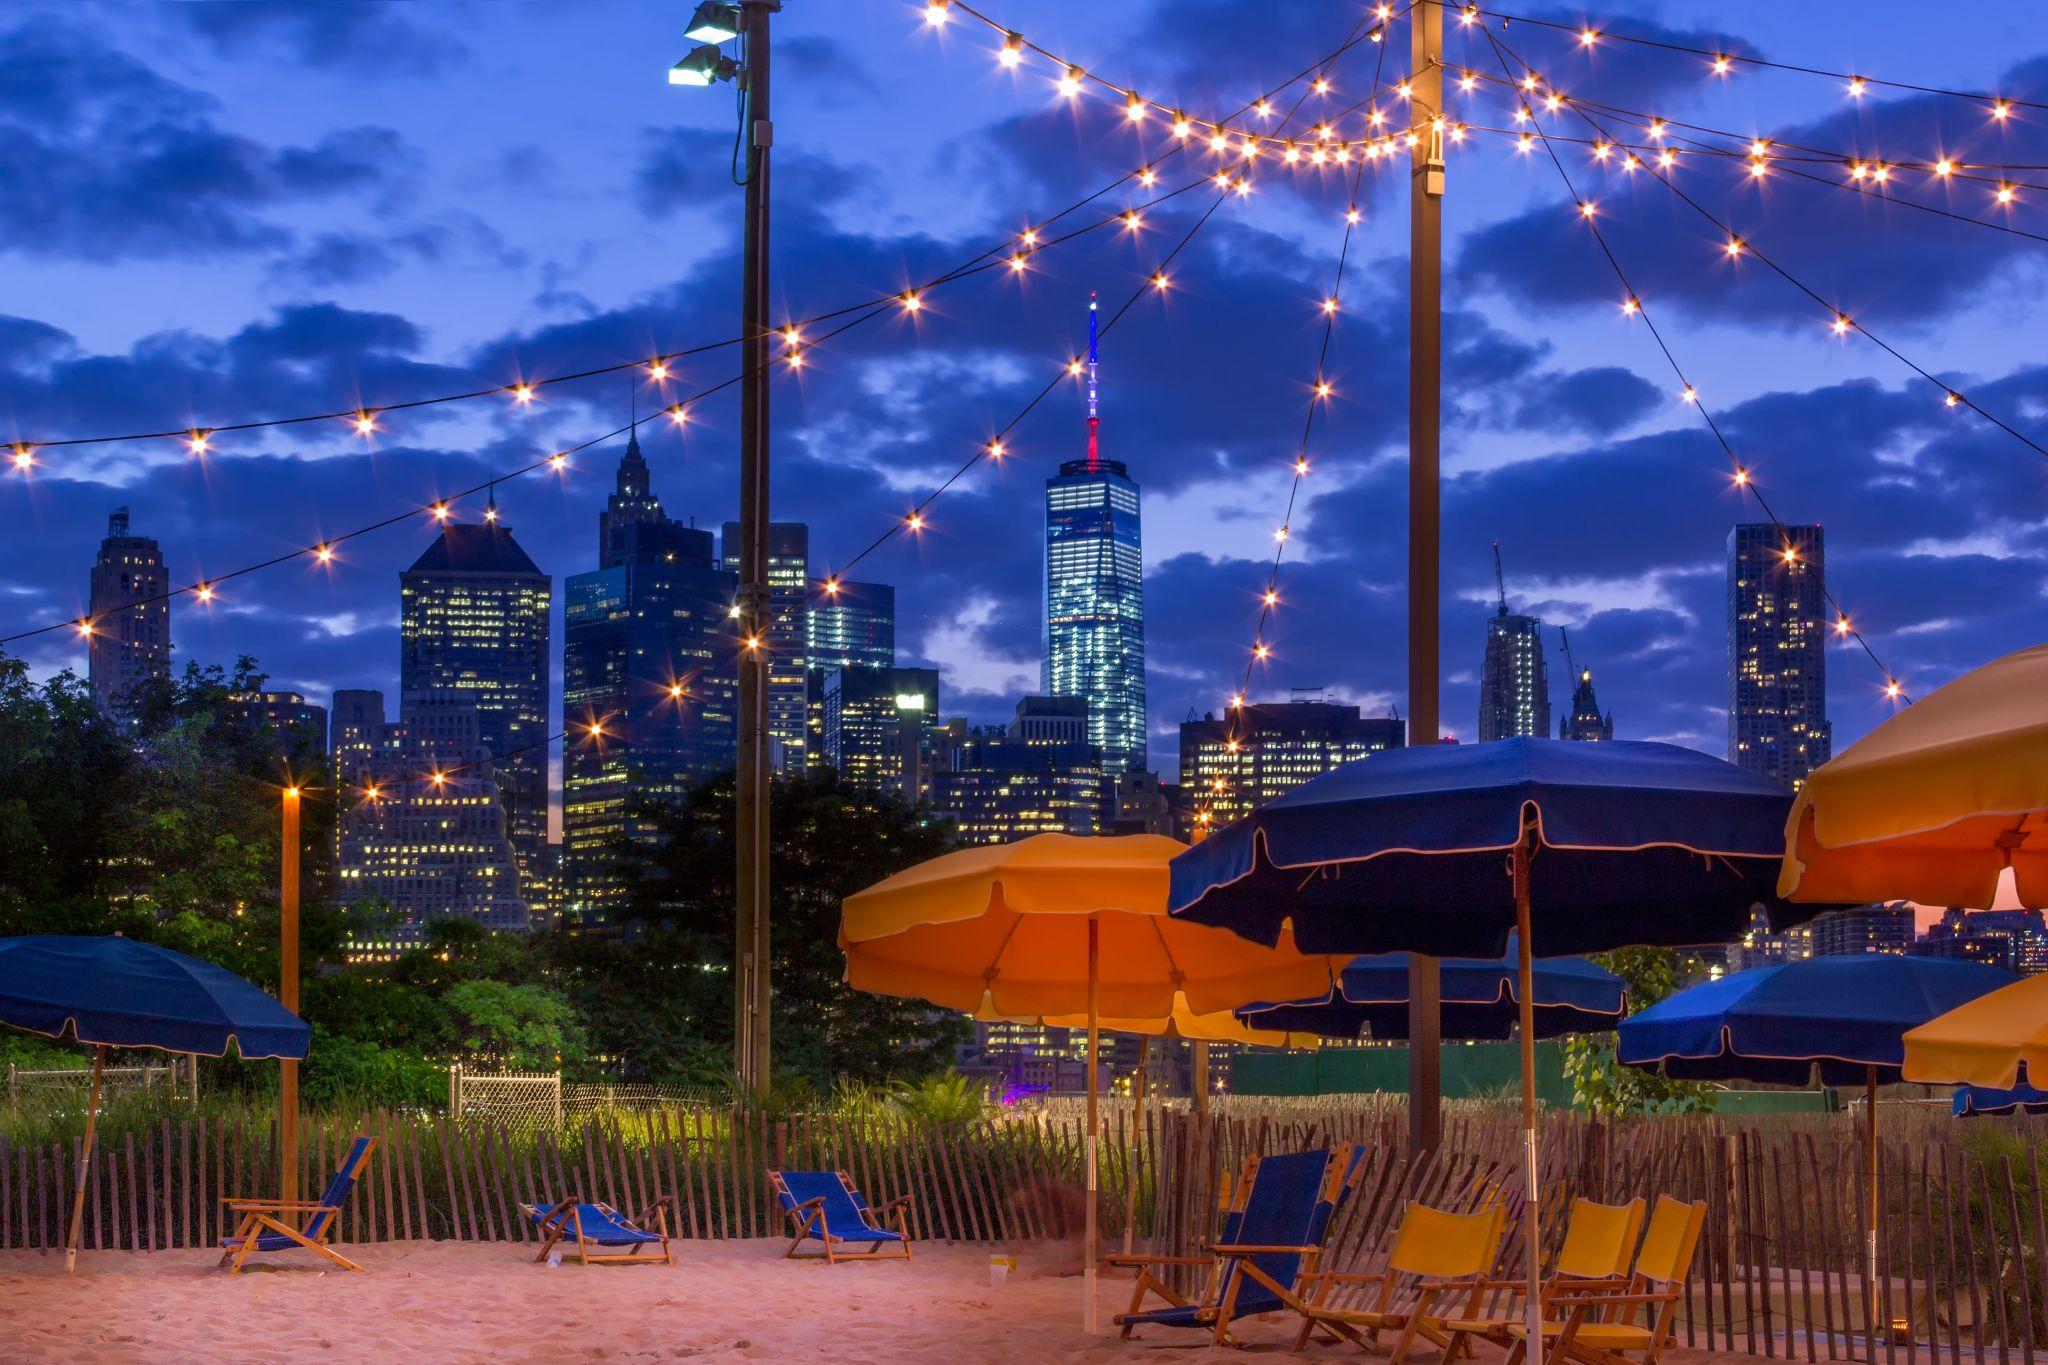 A beach with a view - Brooklyn Bridge Park, USA